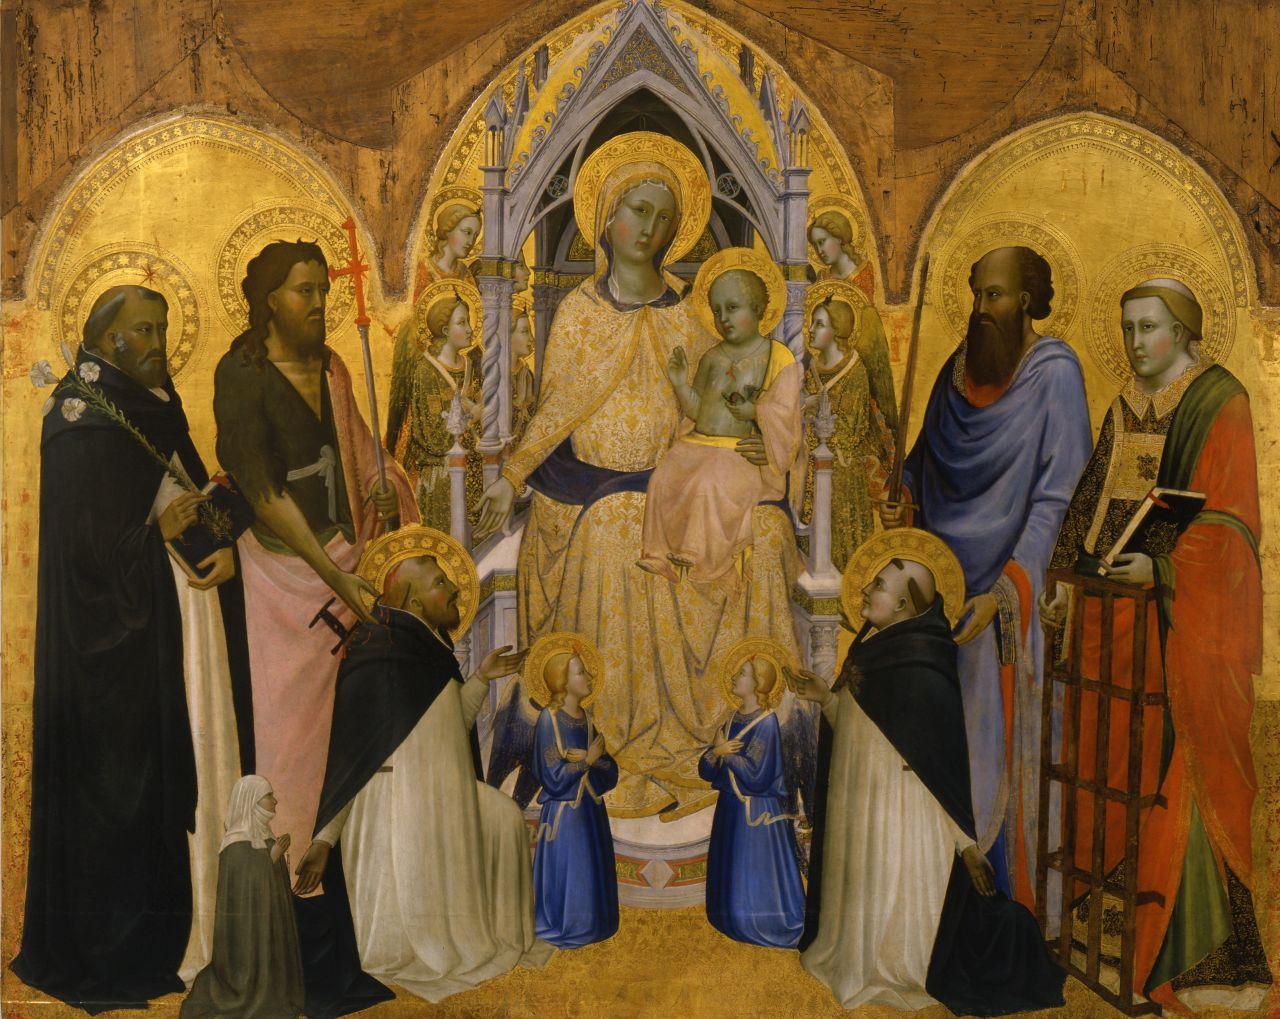 Madonna col Bambino in trono fra angeli e i santi Domenico, Giovanni Battista, Pietro martire (a sinistra, genuflesso), Paolo, Lorenzo, Tommaso d'Aquino (a destra, genuflesso), e una monaca in preghiera